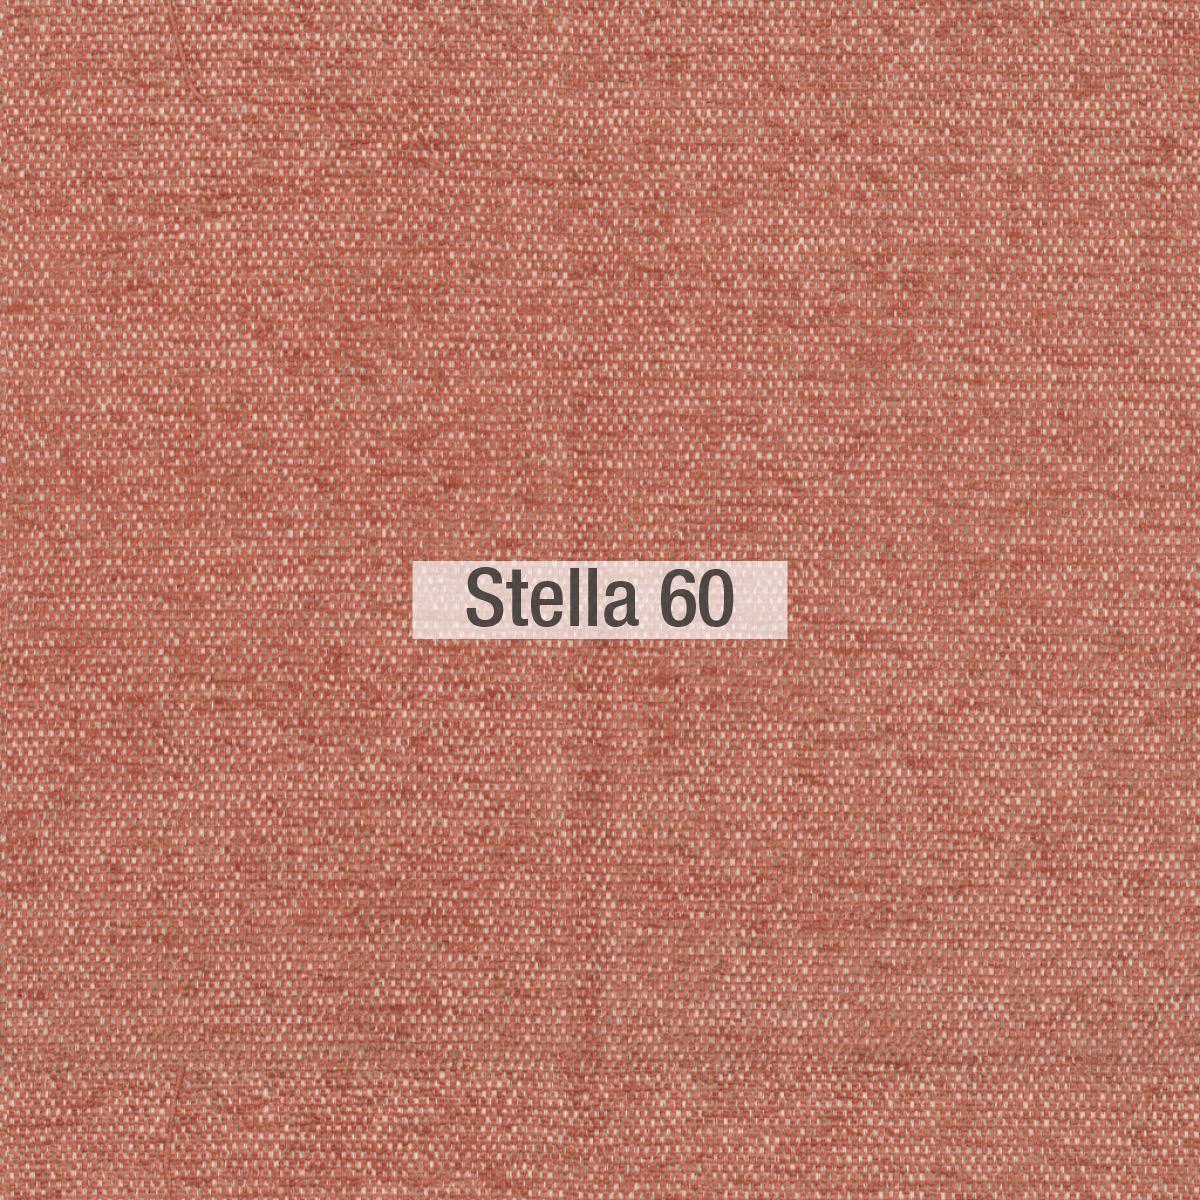 Colores Stella-Dots tela Fama 2020 10